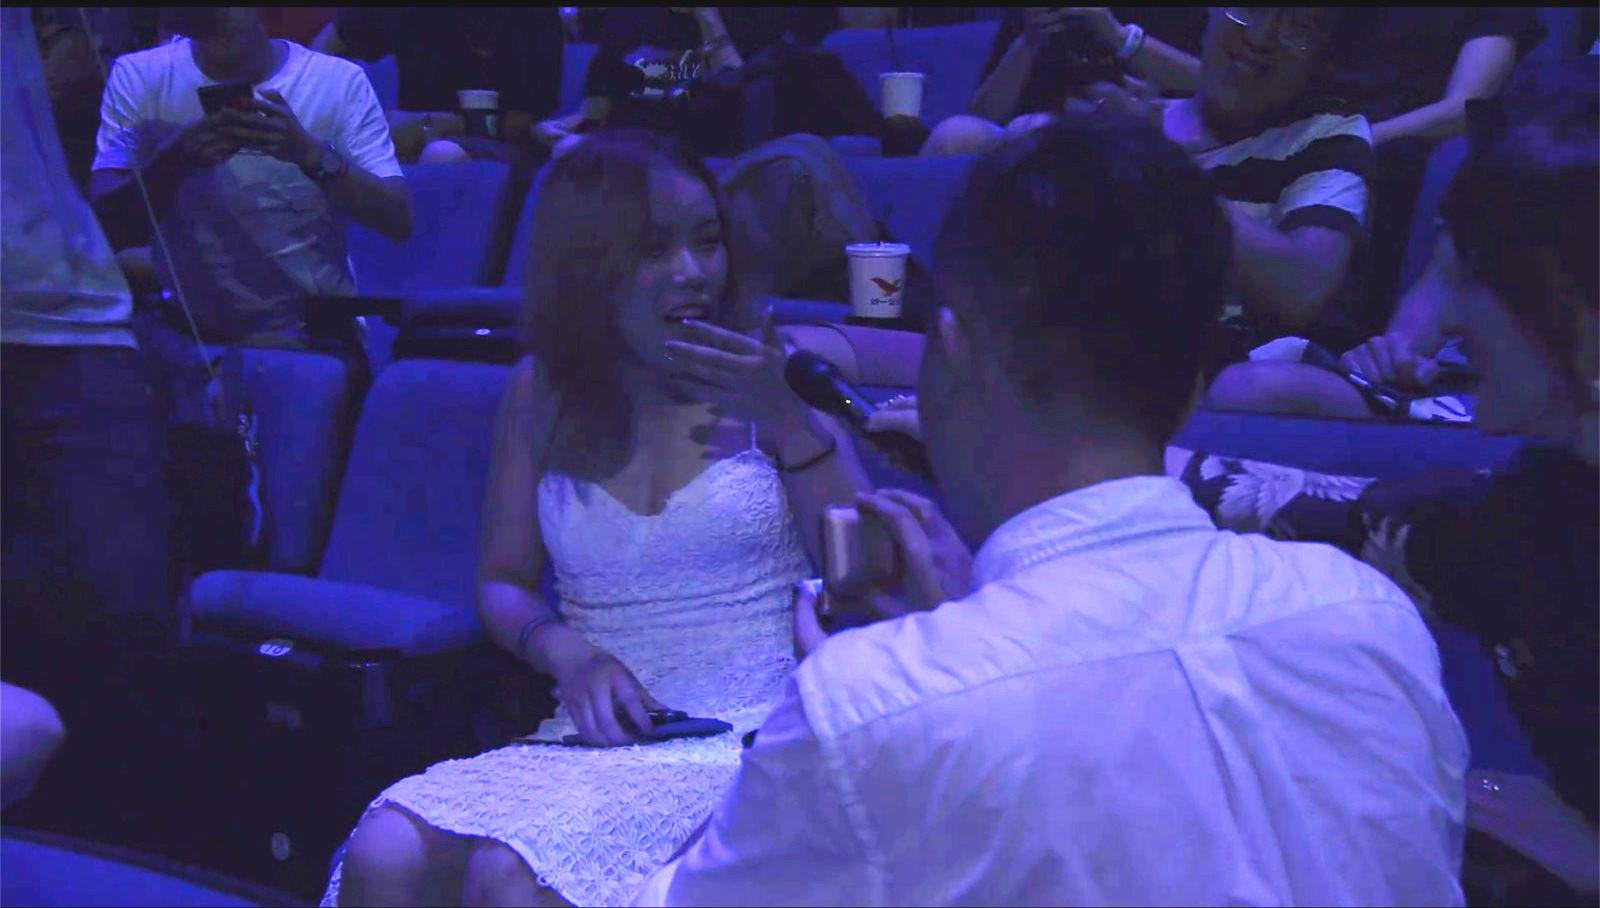 """DOTA玩家在接受采访时现场求婚,全场高呼""""答应他"""""""